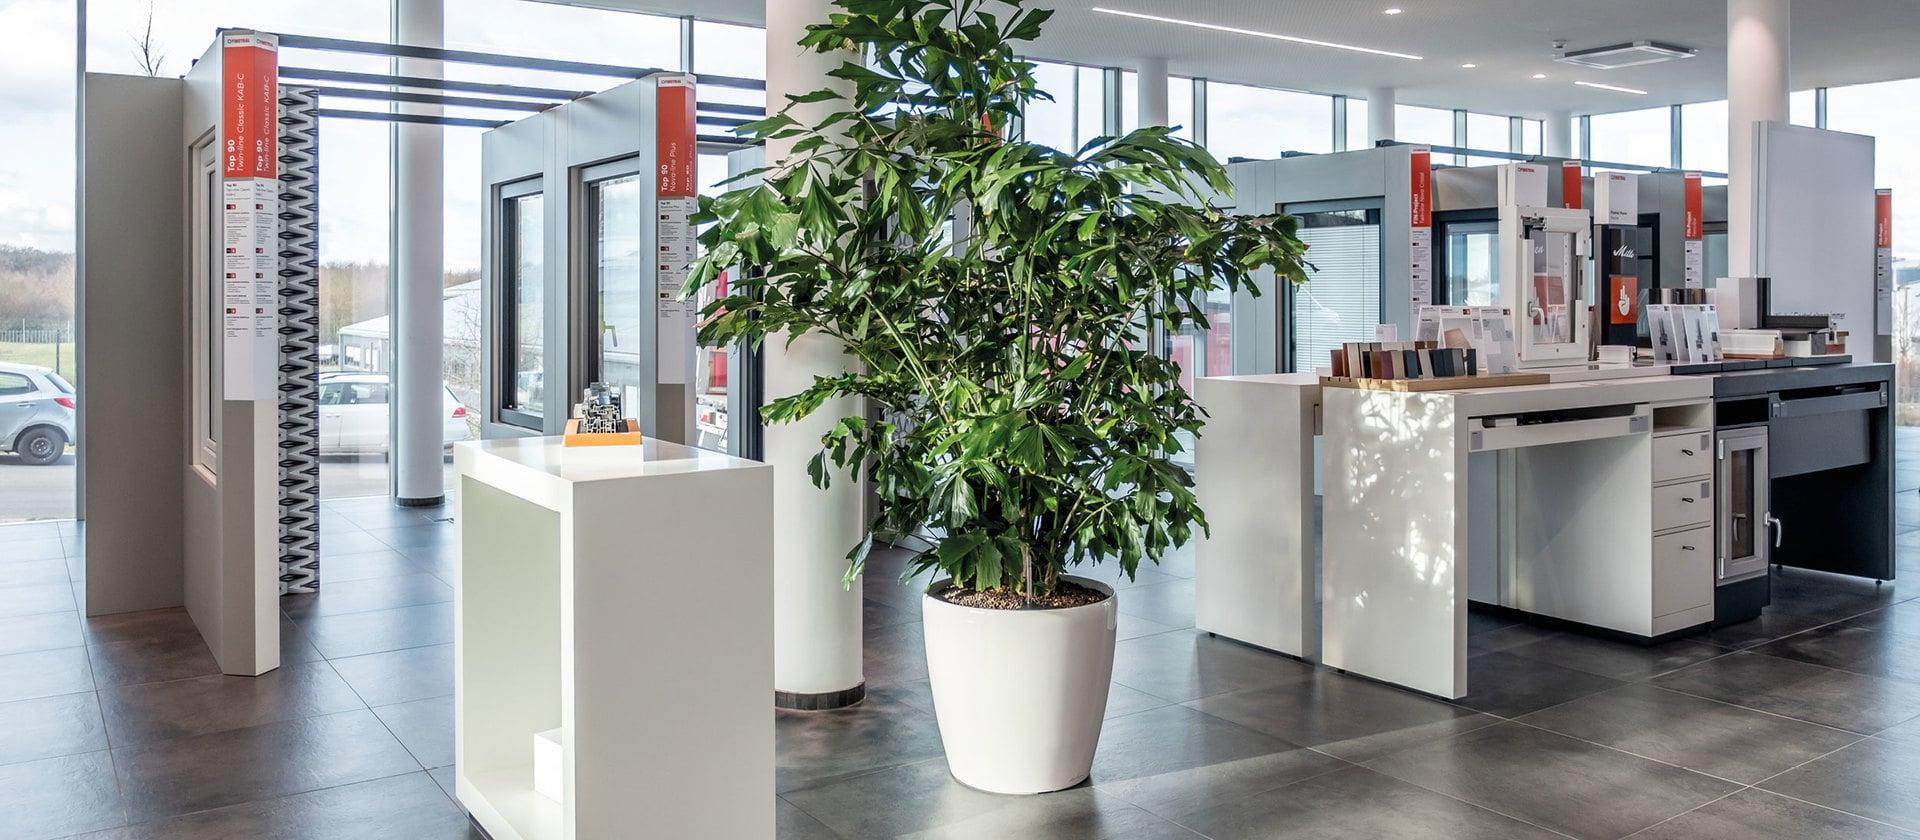 Finstral Studio Gochsheim